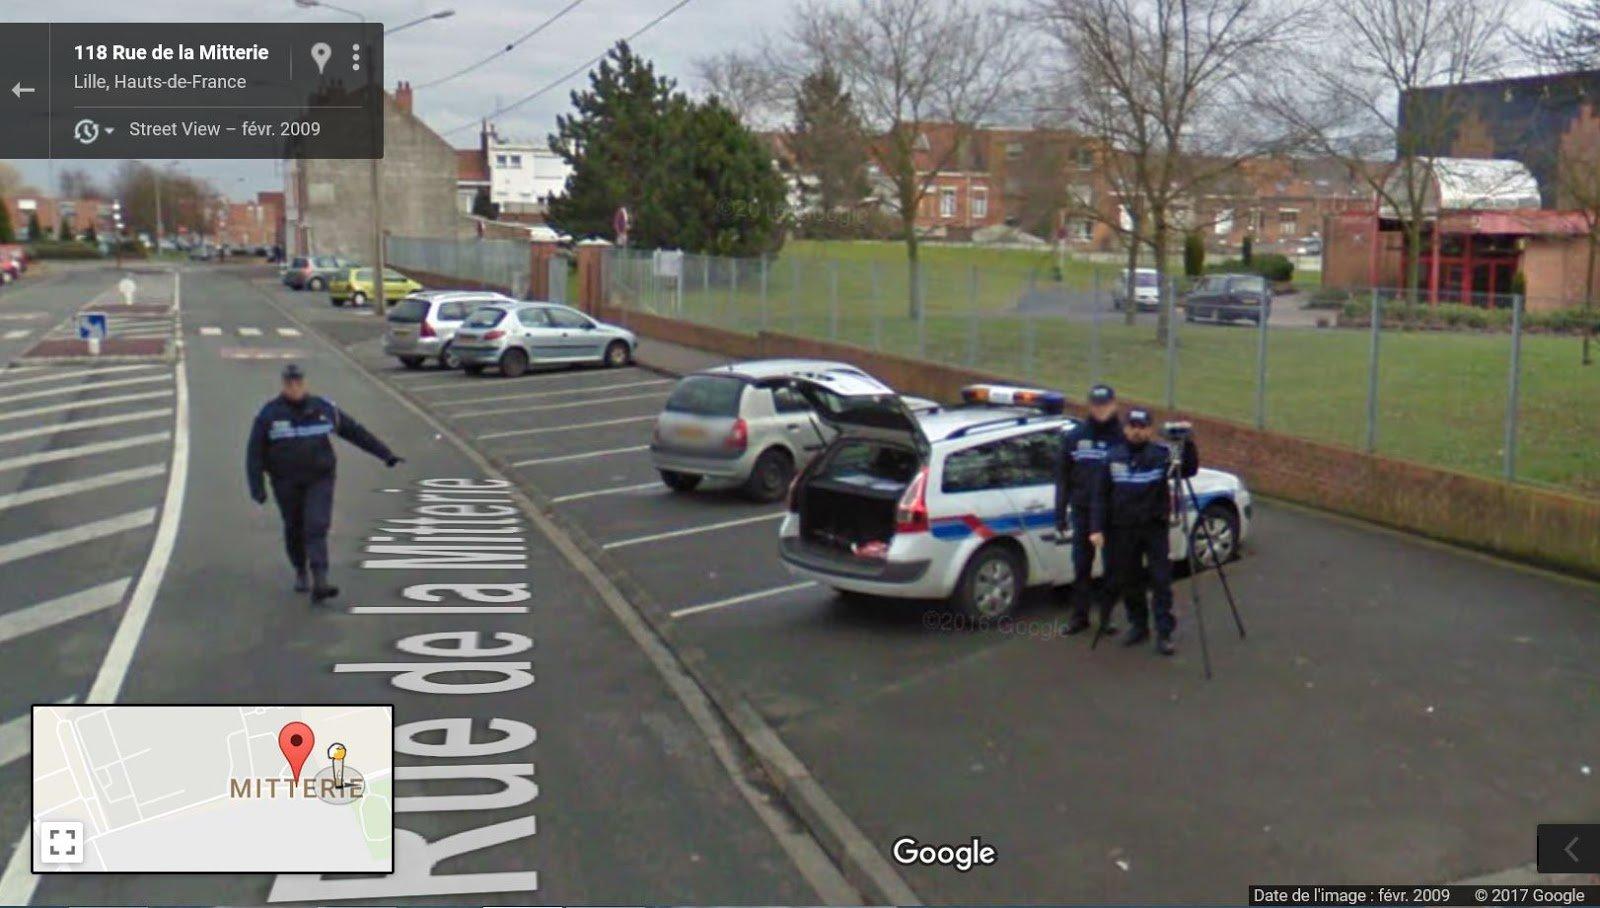 goog 39 lol street view on twitter oups un contr le la voiture de google street view arr t e. Black Bedroom Furniture Sets. Home Design Ideas